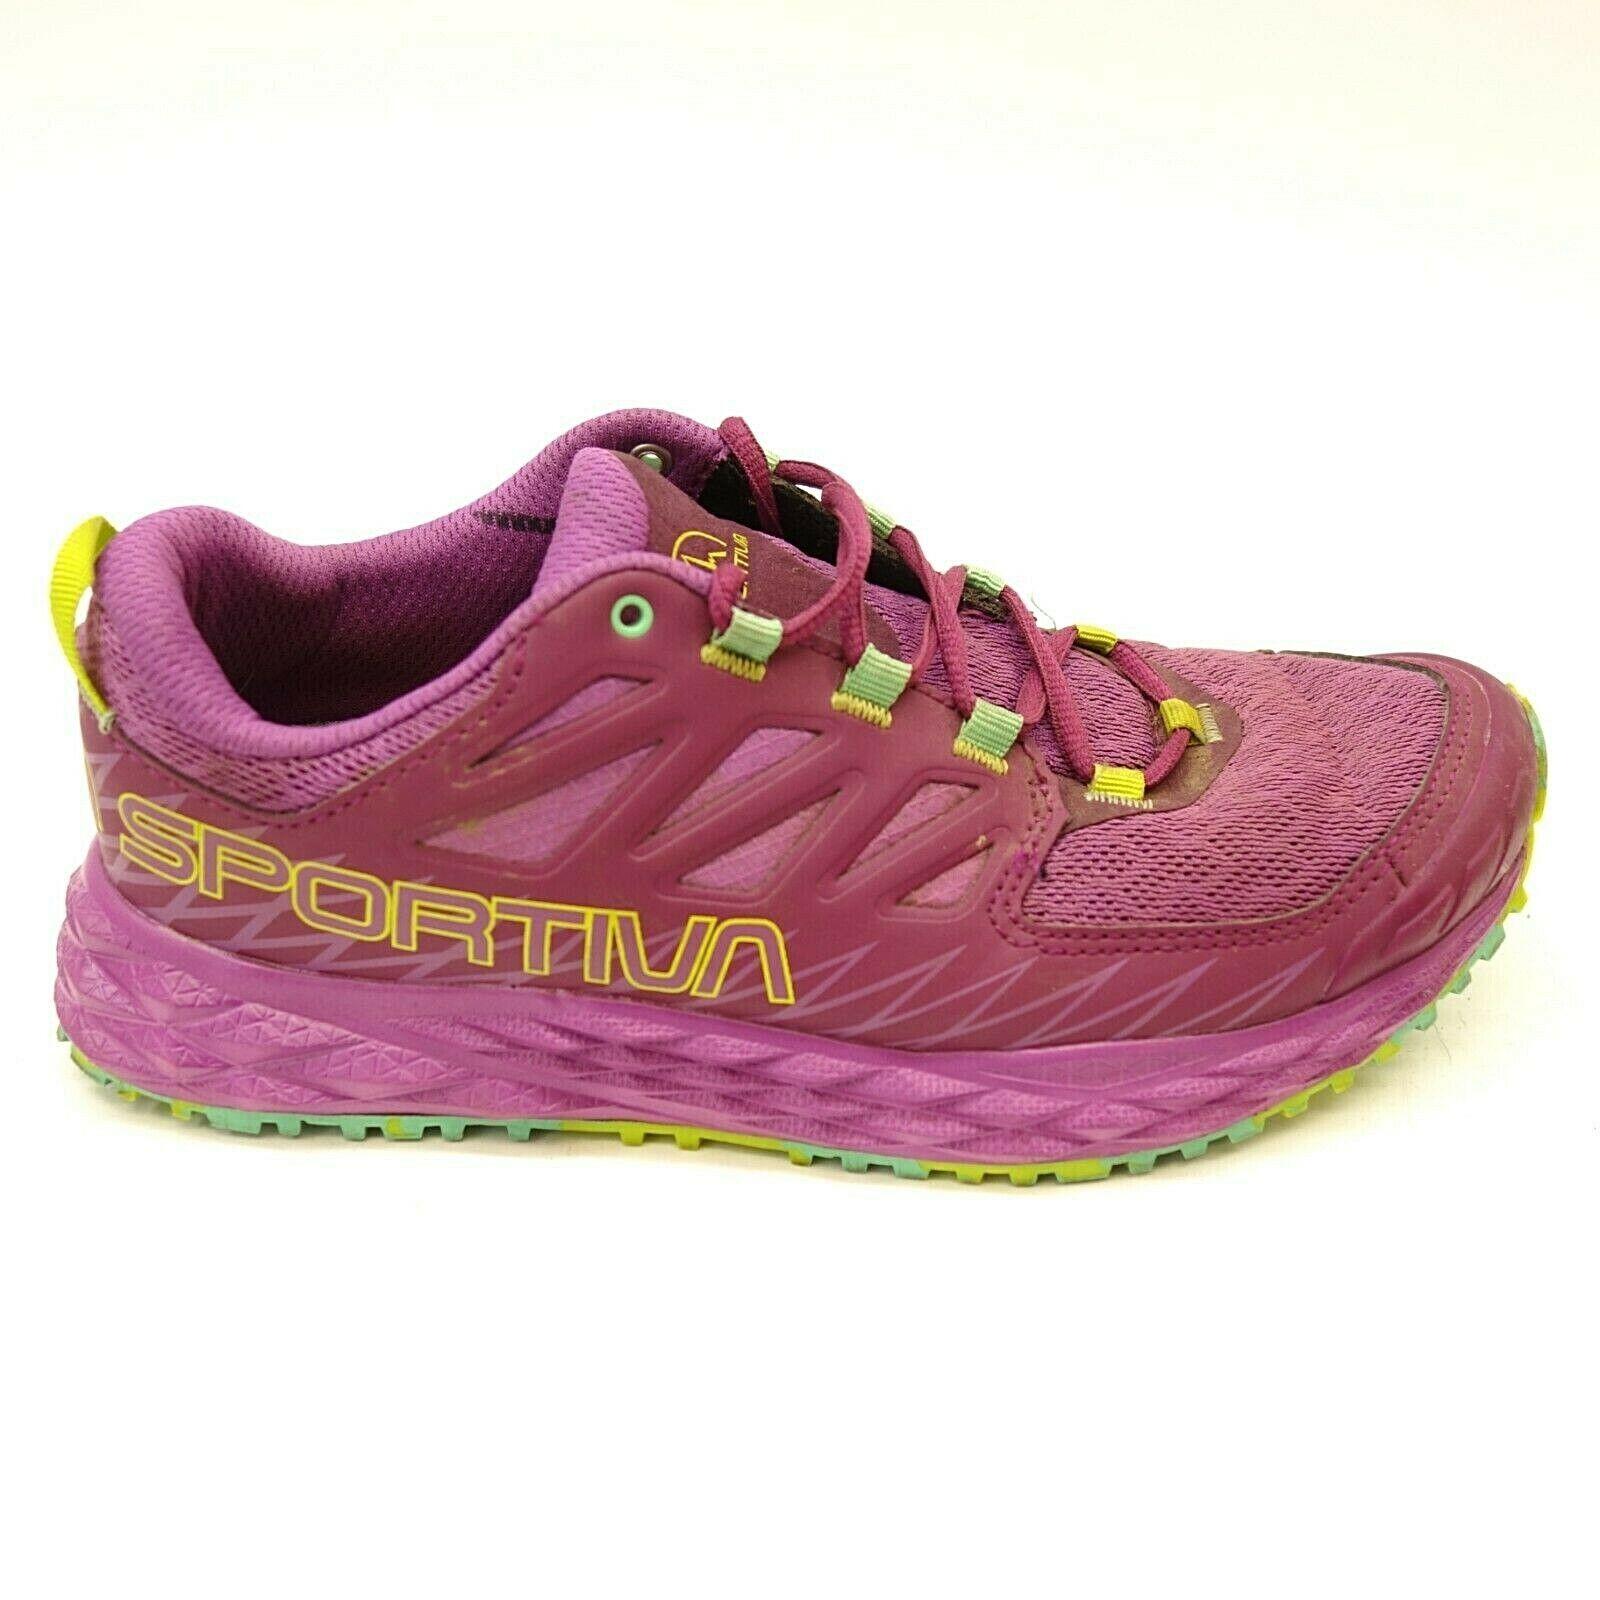 La Sportiva Damen Werwolf Traillauf Athletic Trail Wandern Mid Schuhe Größe 6.5